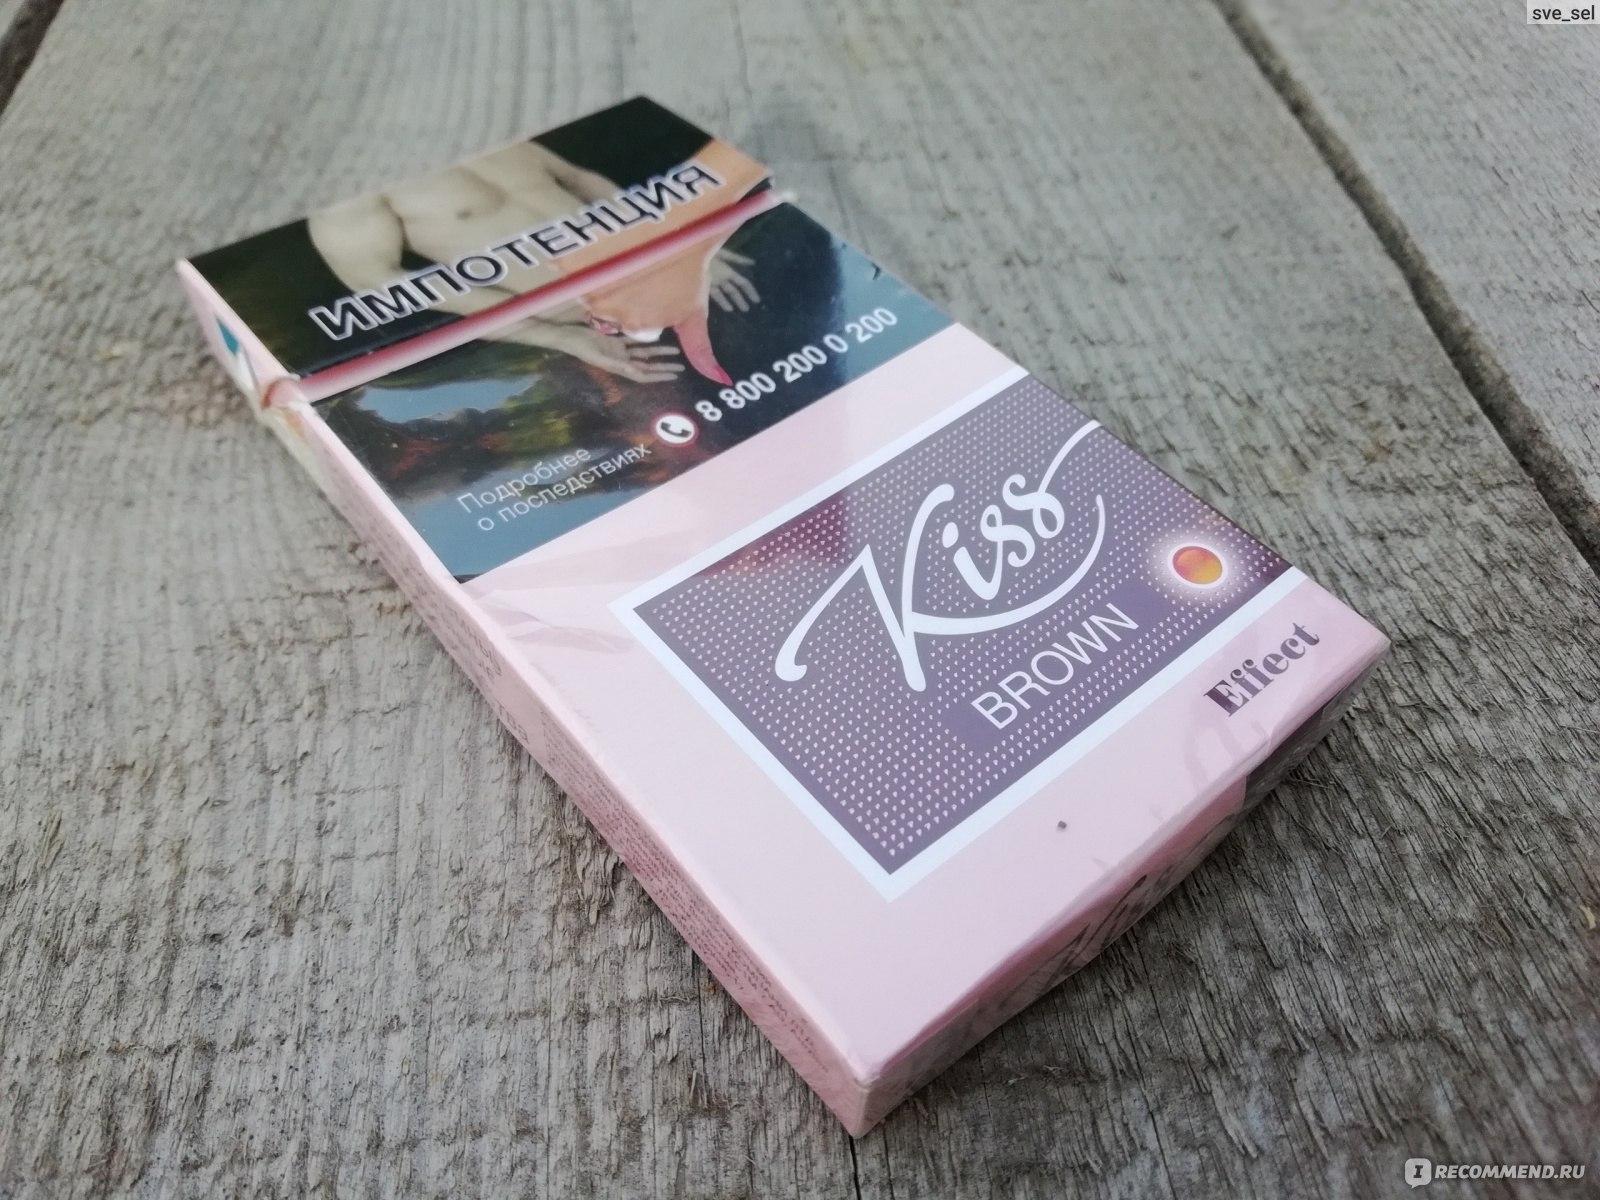 Сигареты kiss brown effect купить электронные сигареты одноразовые санкт петербург